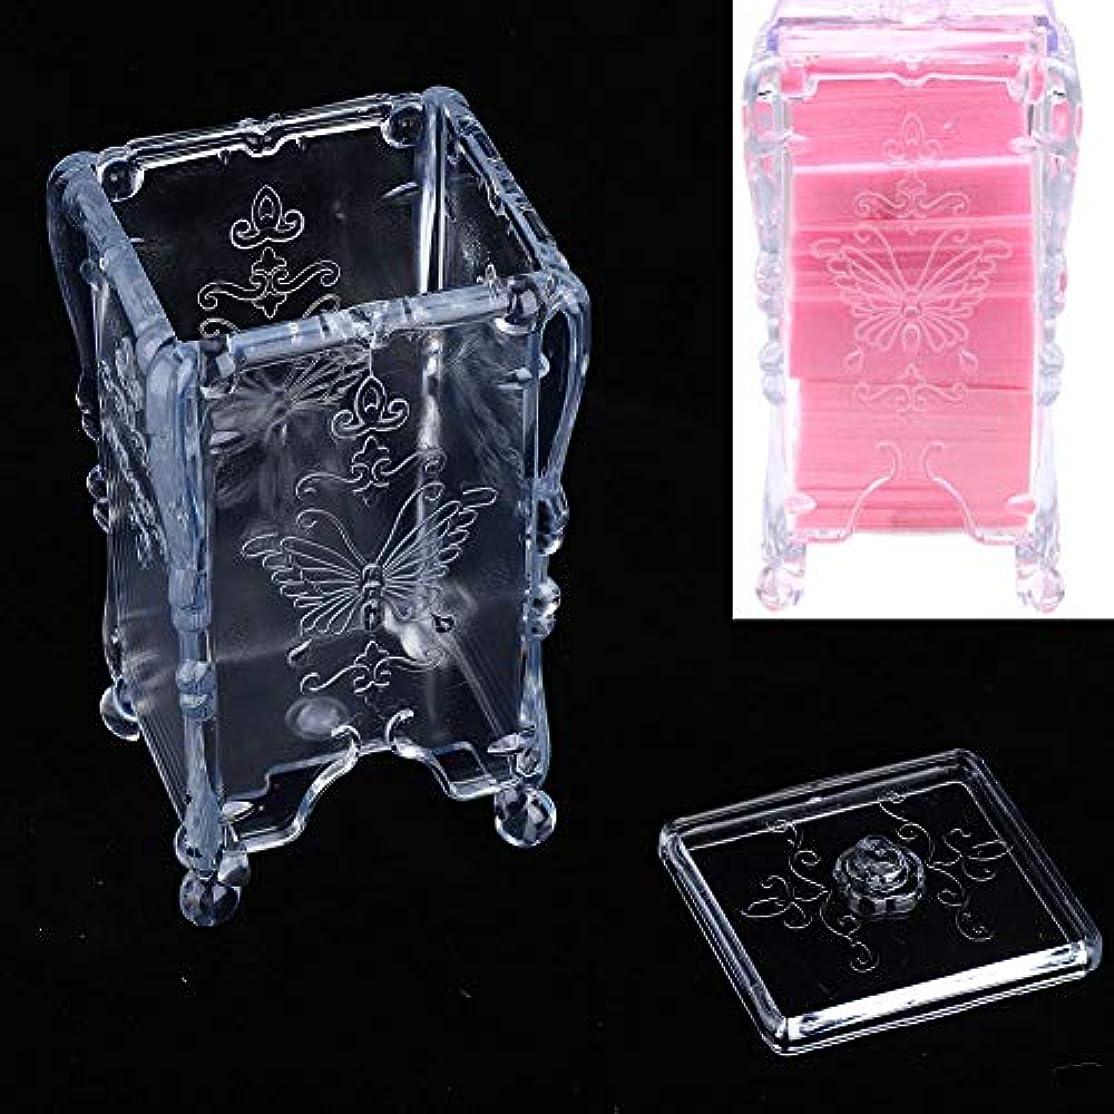 生命体許可する中間化粧綿収納ボックス 枕収納ボックス ネイルスワブリムーバー、化粧品オーガナイザー(透明)